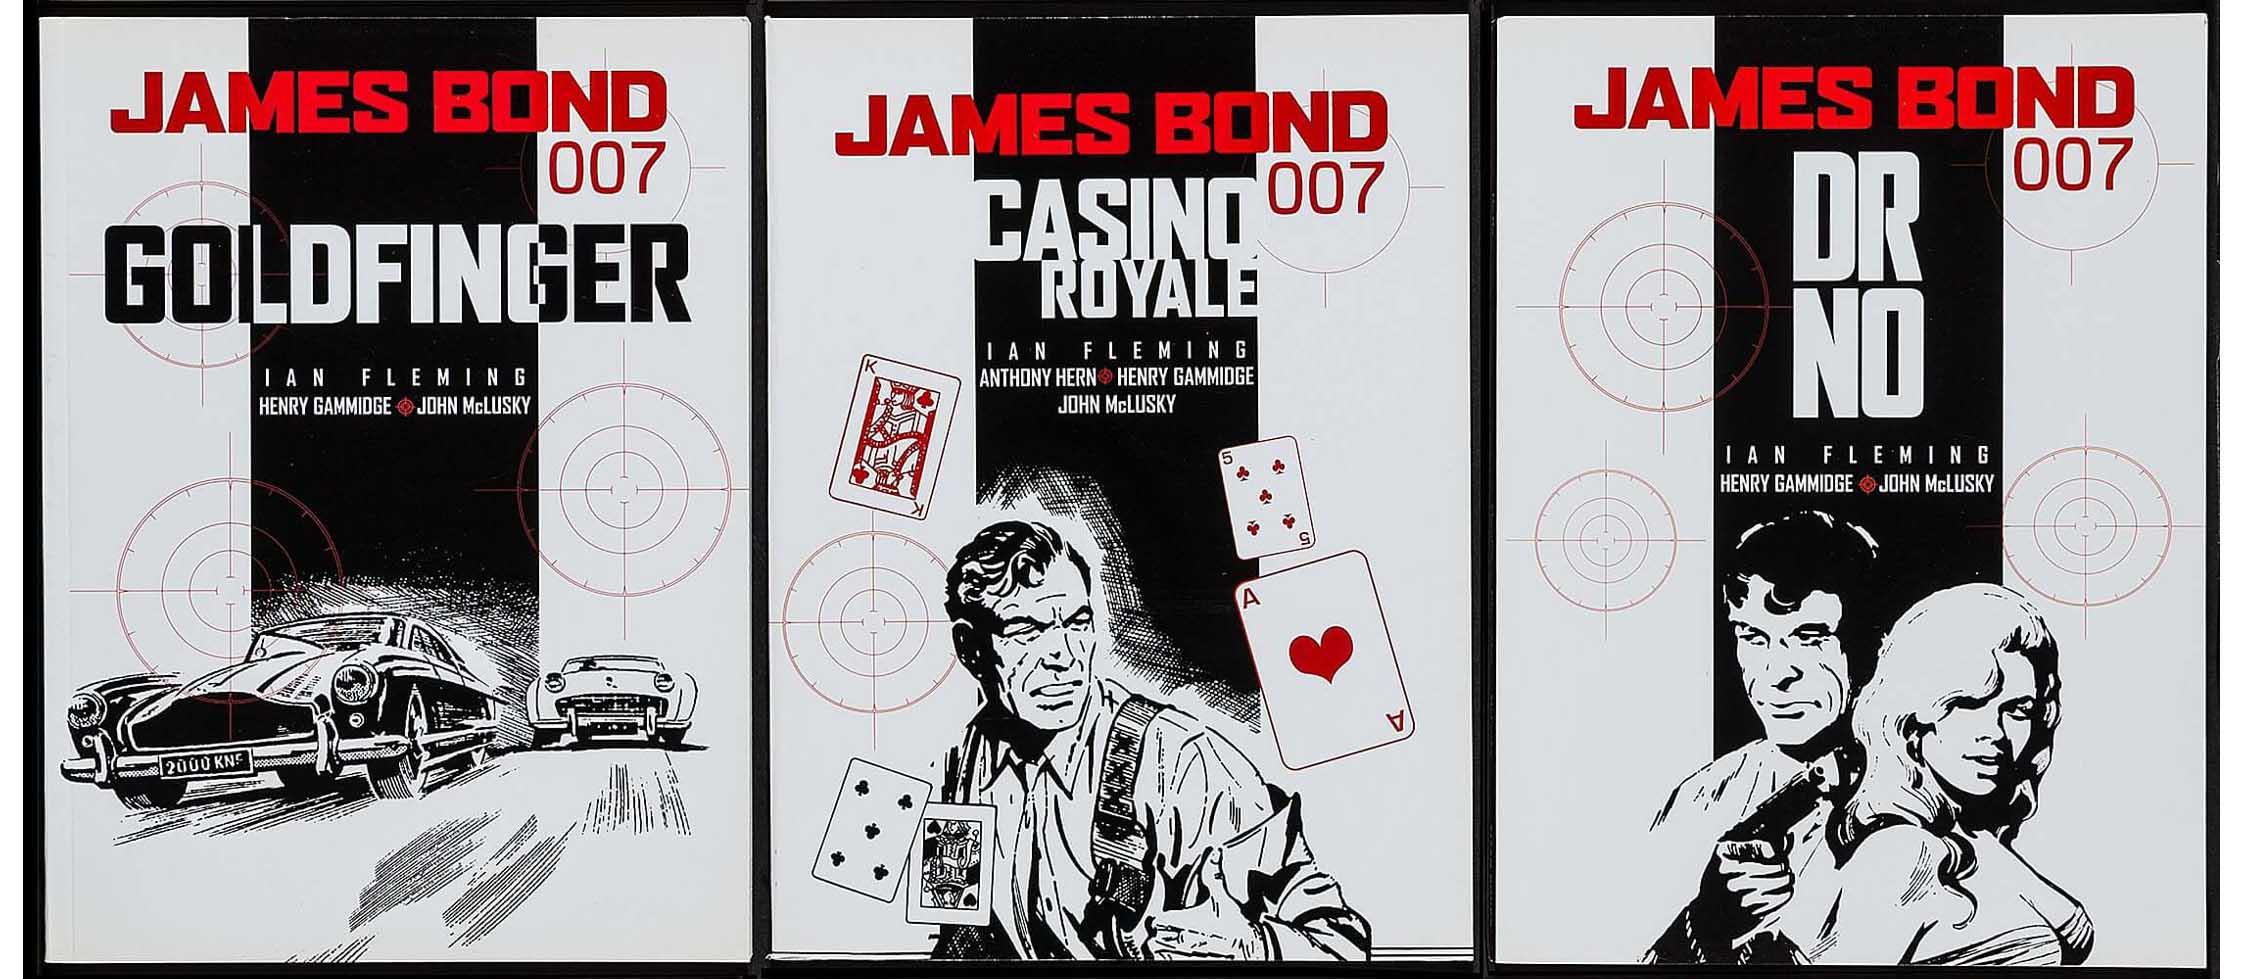 """Couvertures pour la deuxième anthologie Titan Books : """"Goldfinger"""" (T4 en novembre 2004), """"Casino Royale"""" (T5 en février 2005) et """"Dr. No"""" (T6 en mai 2005)."""